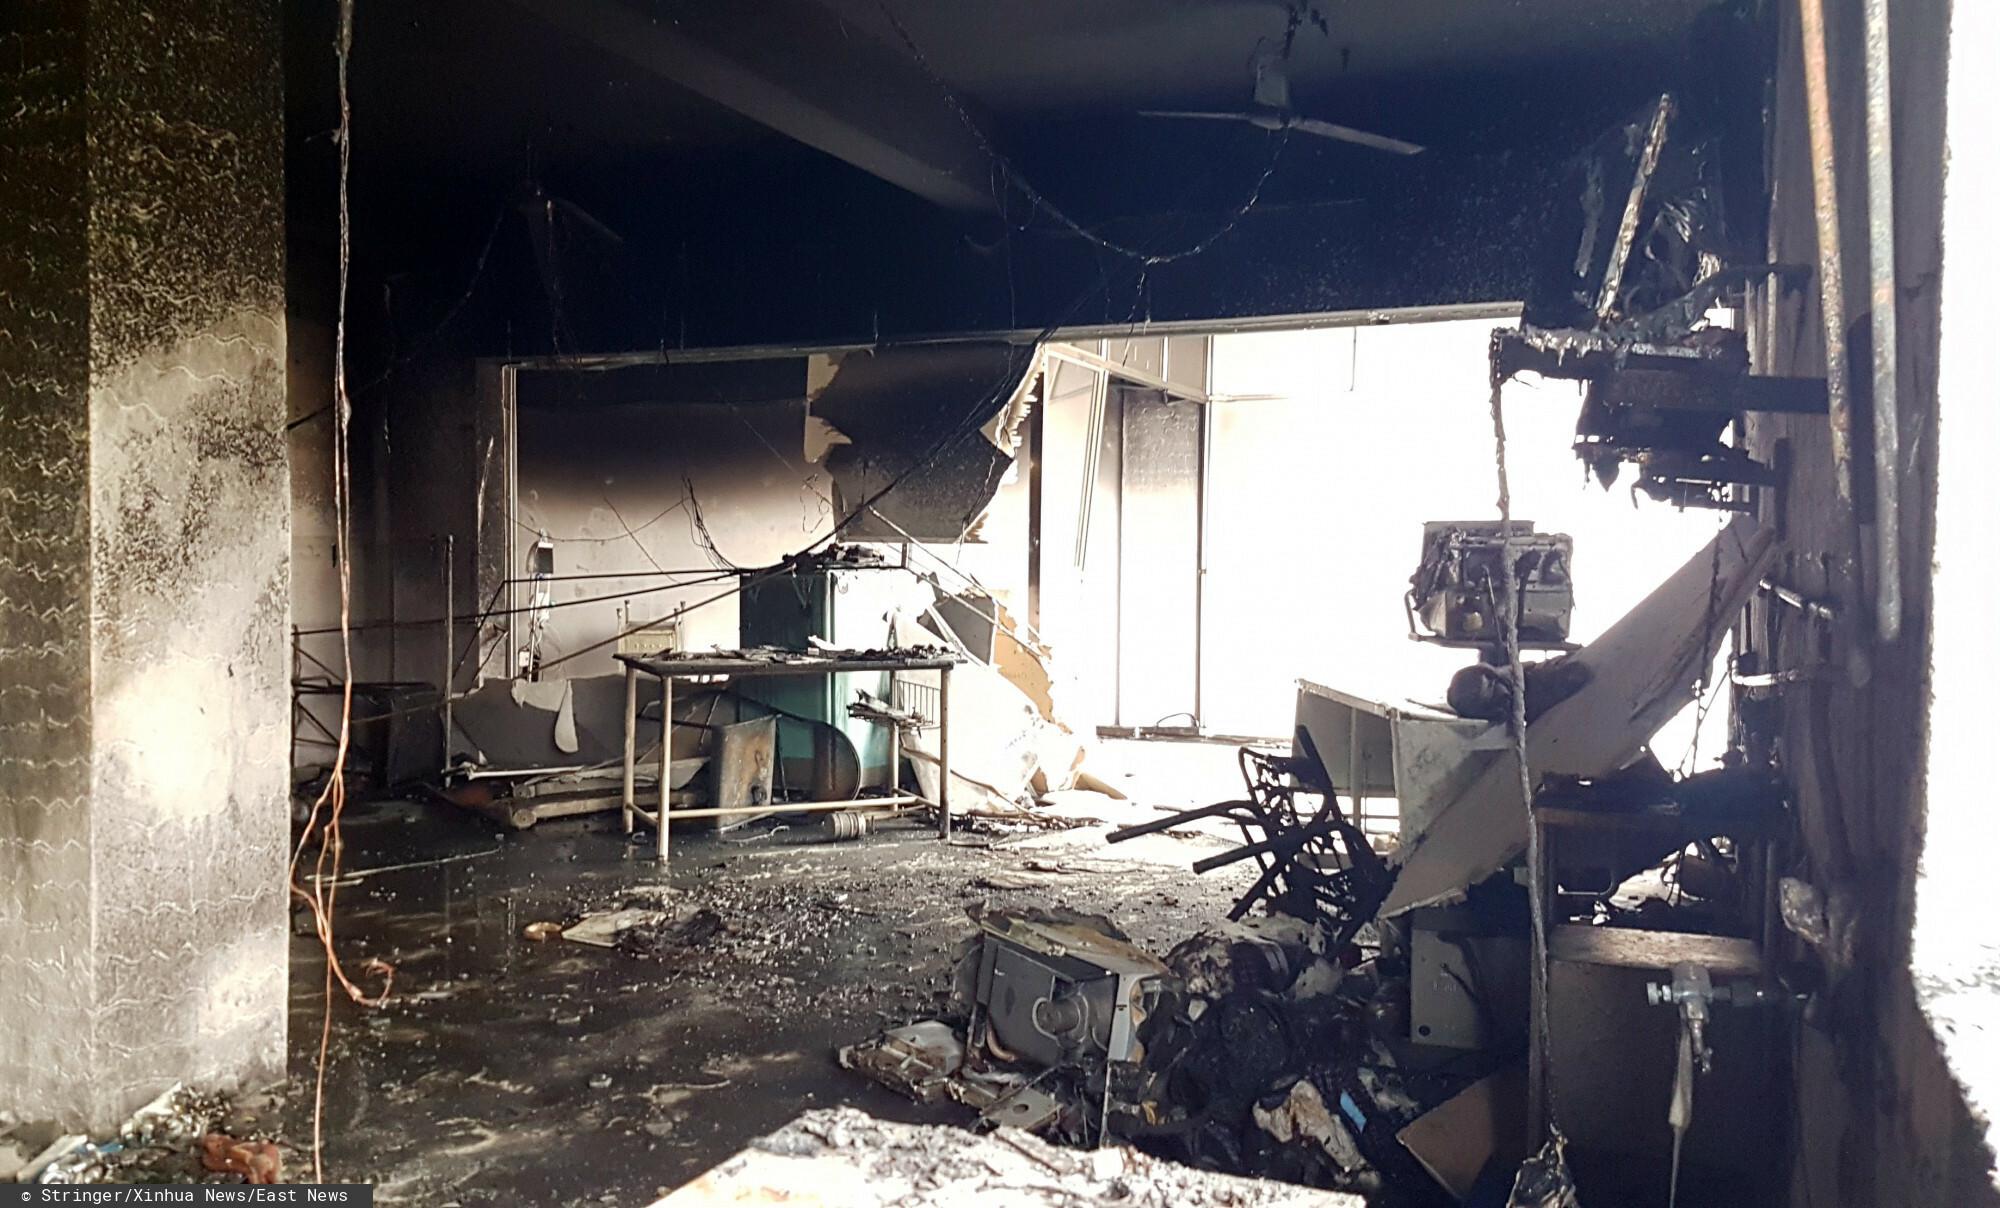 W mieście Bharuch na północy Indii doszło do tragicznego w skutkach pożaru w szpitalu covidowym.